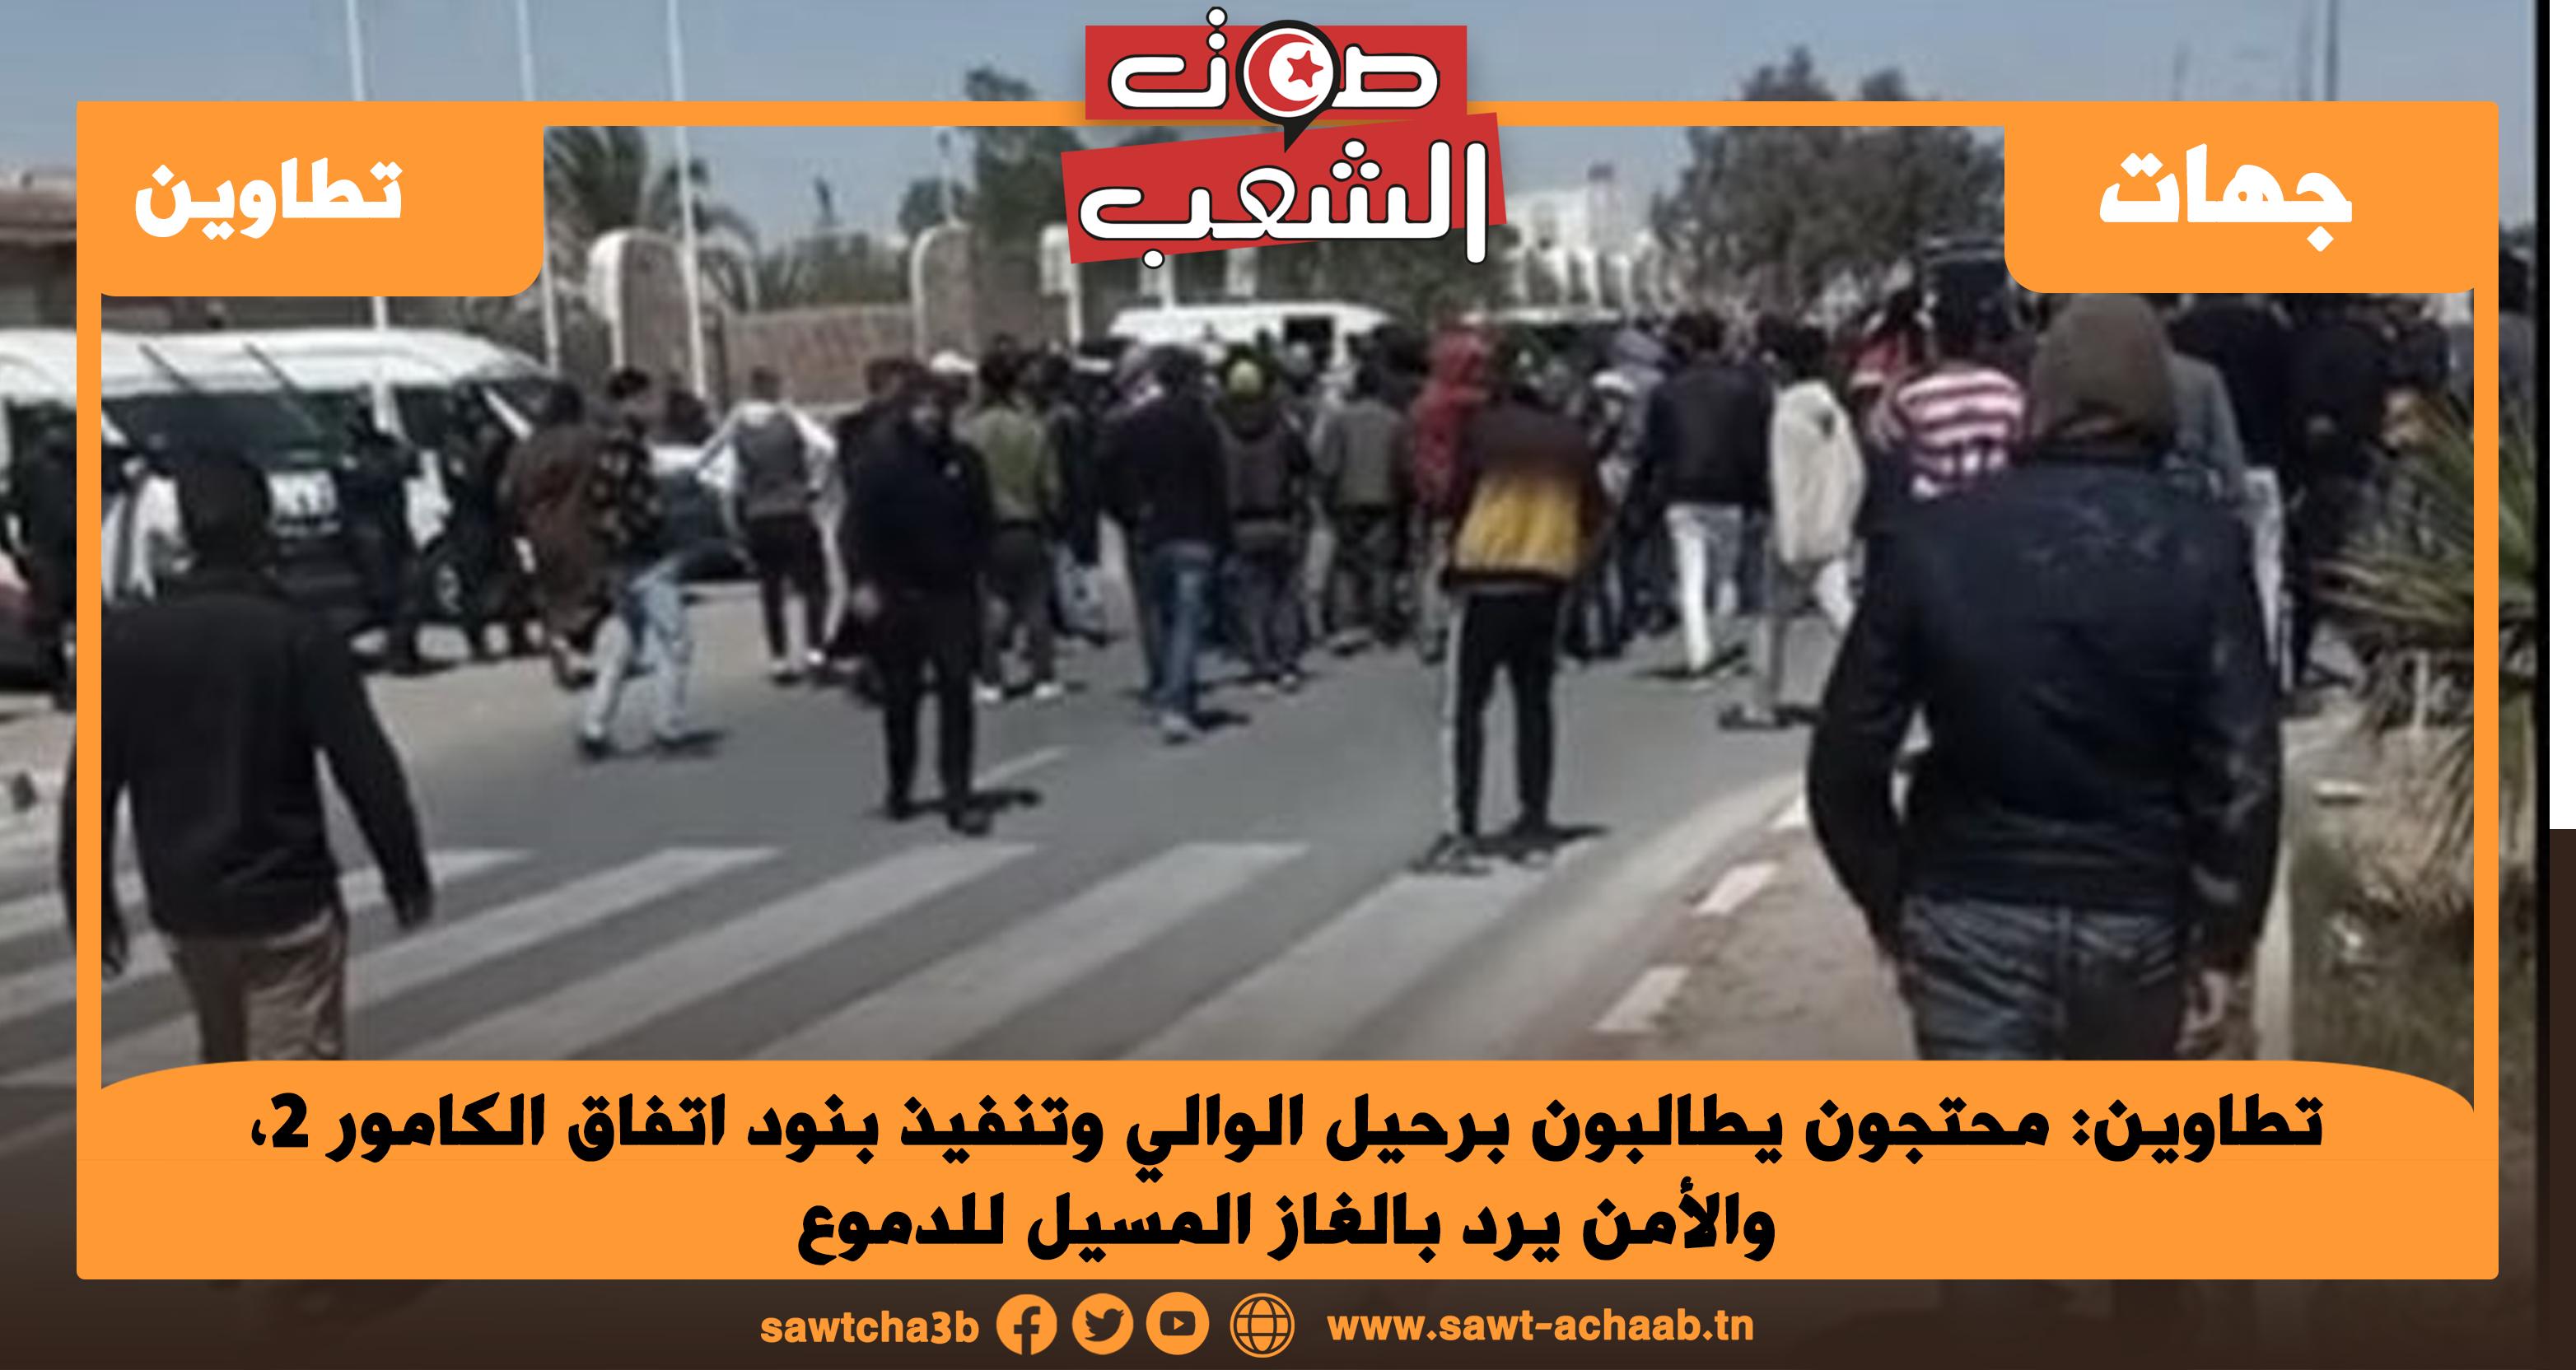 تطاوين: محتجون يطالبون برحيل الوالي وتنفيذ بنود اتفاق الكامور 2، والأمن يرد بالغاز المسيل للدموع